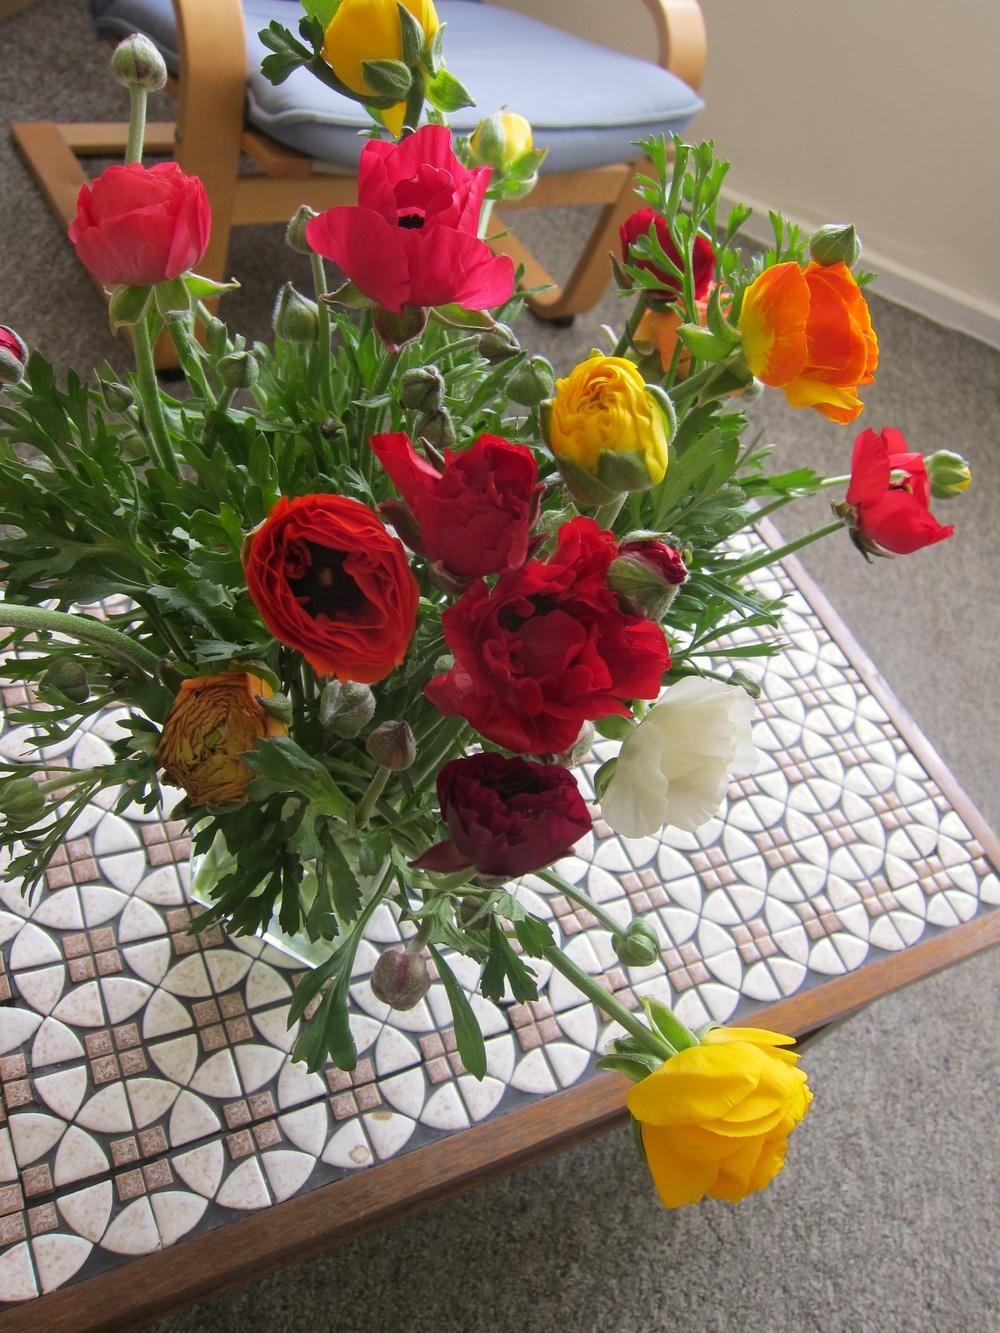 09 flowers.jpg